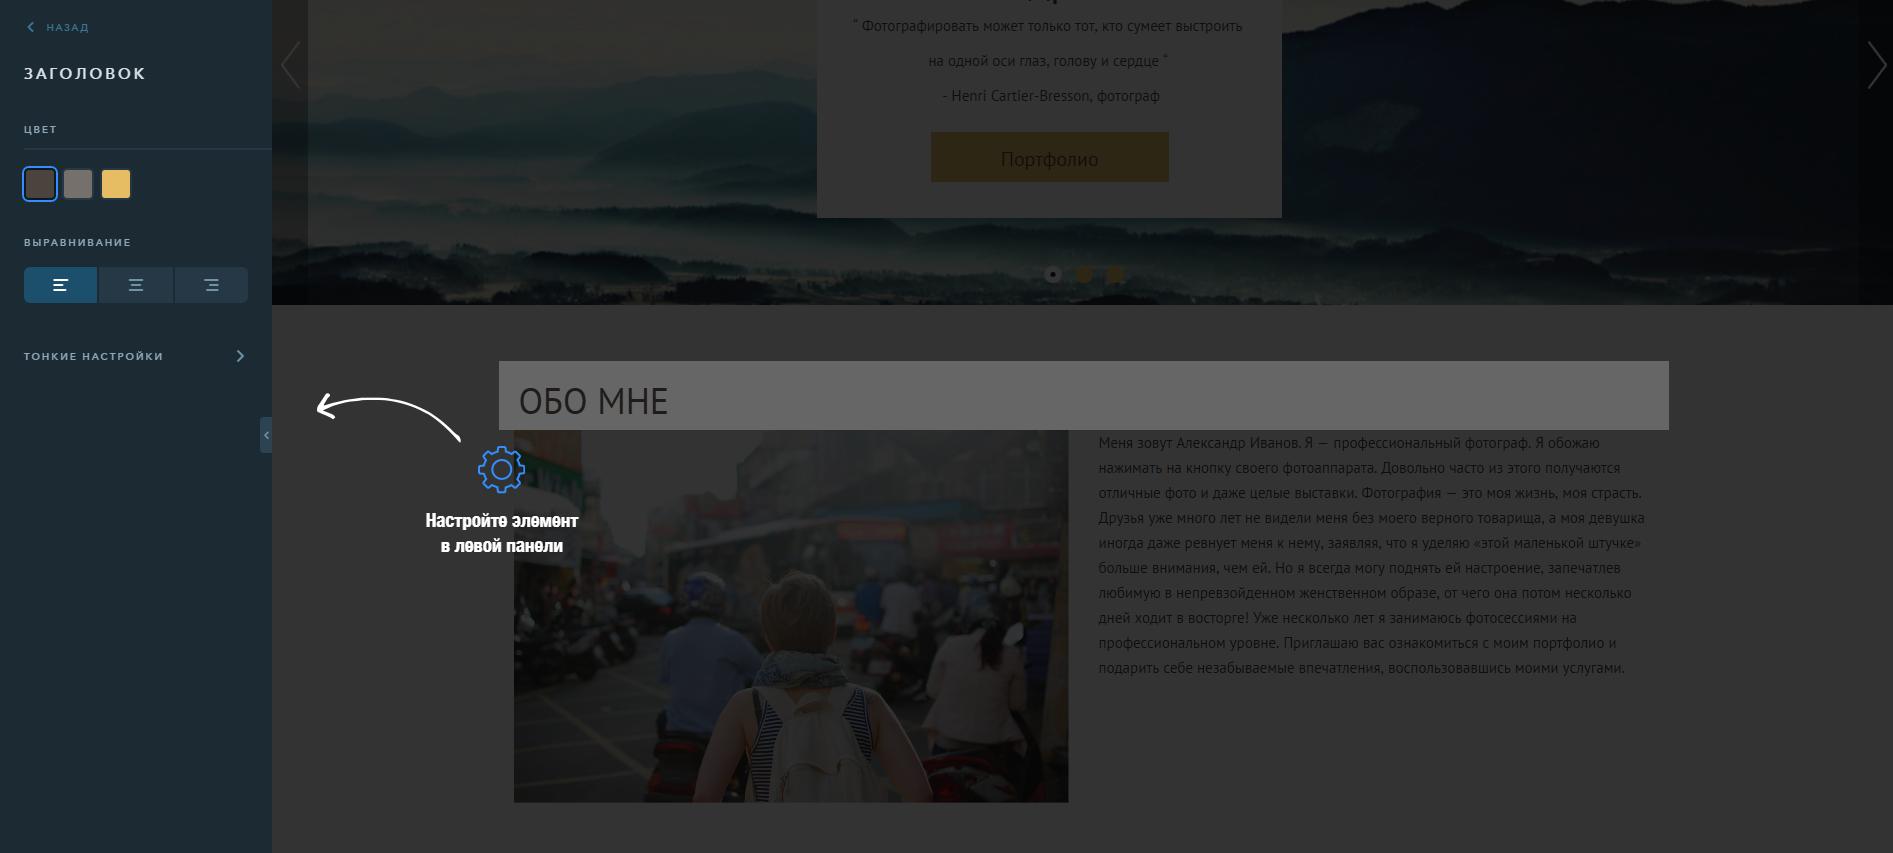 kak sozdat samostoyatelno sajt ukit4